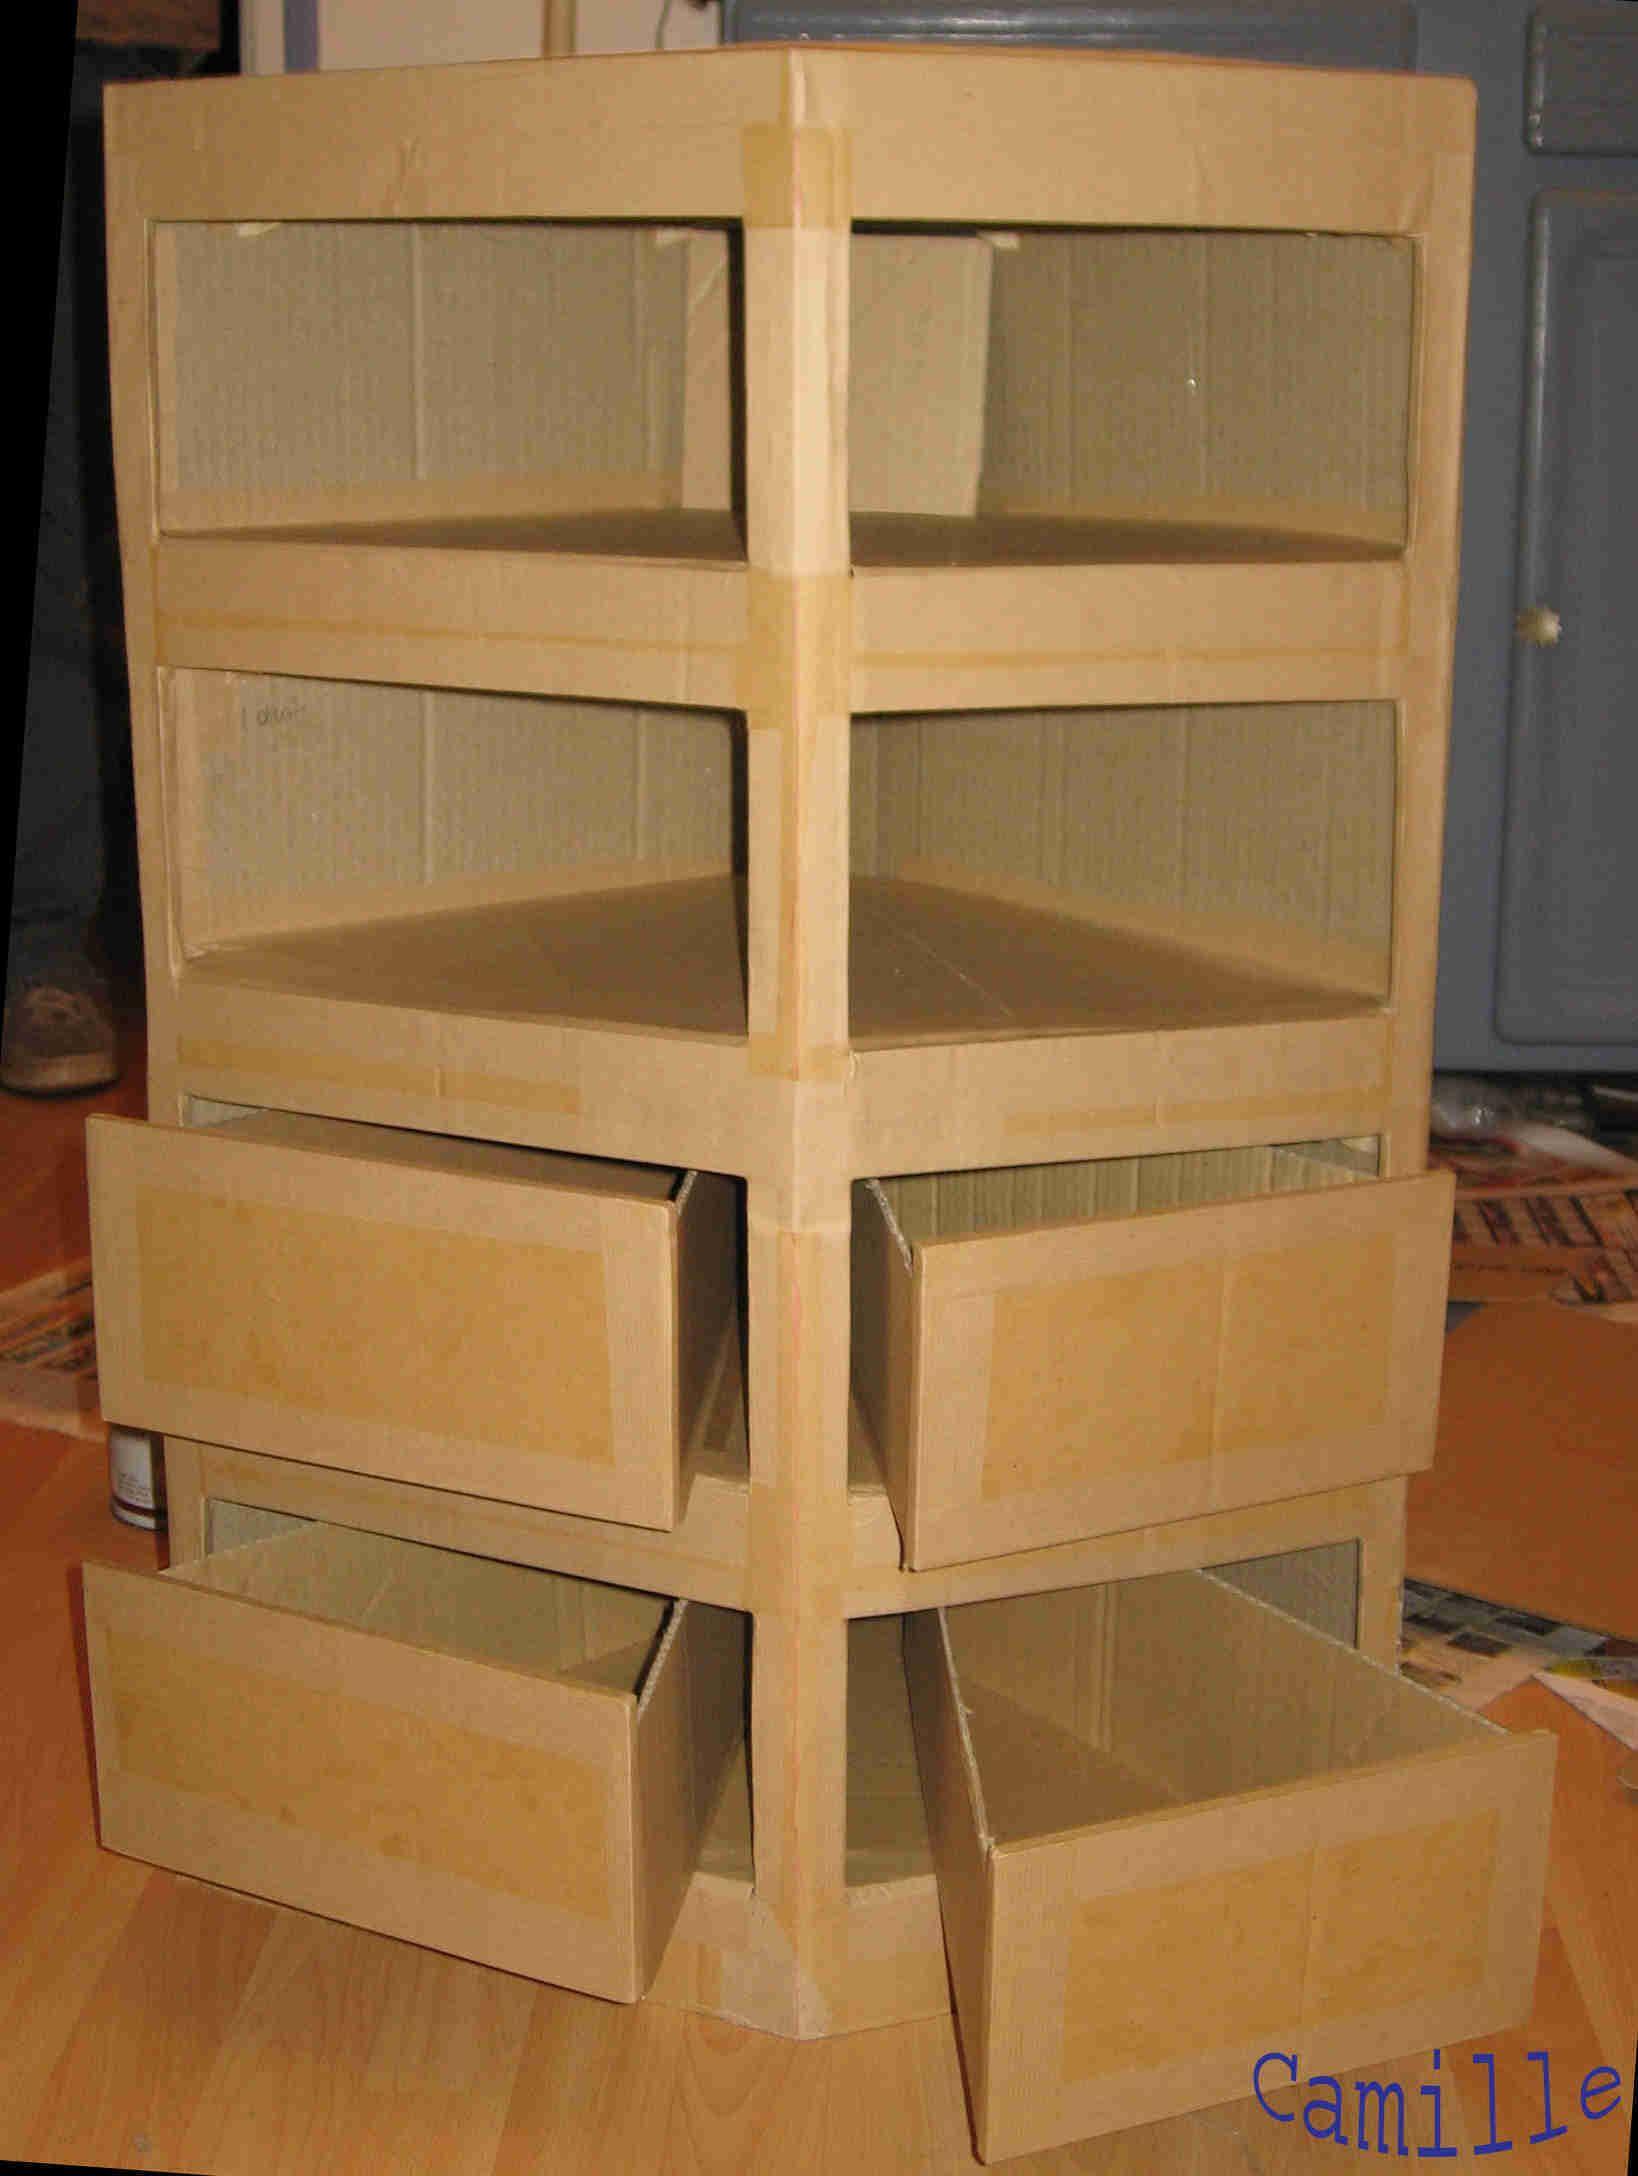 Image De Meuble En Carton comment créer un meuble en carton | diy cardboard furniture